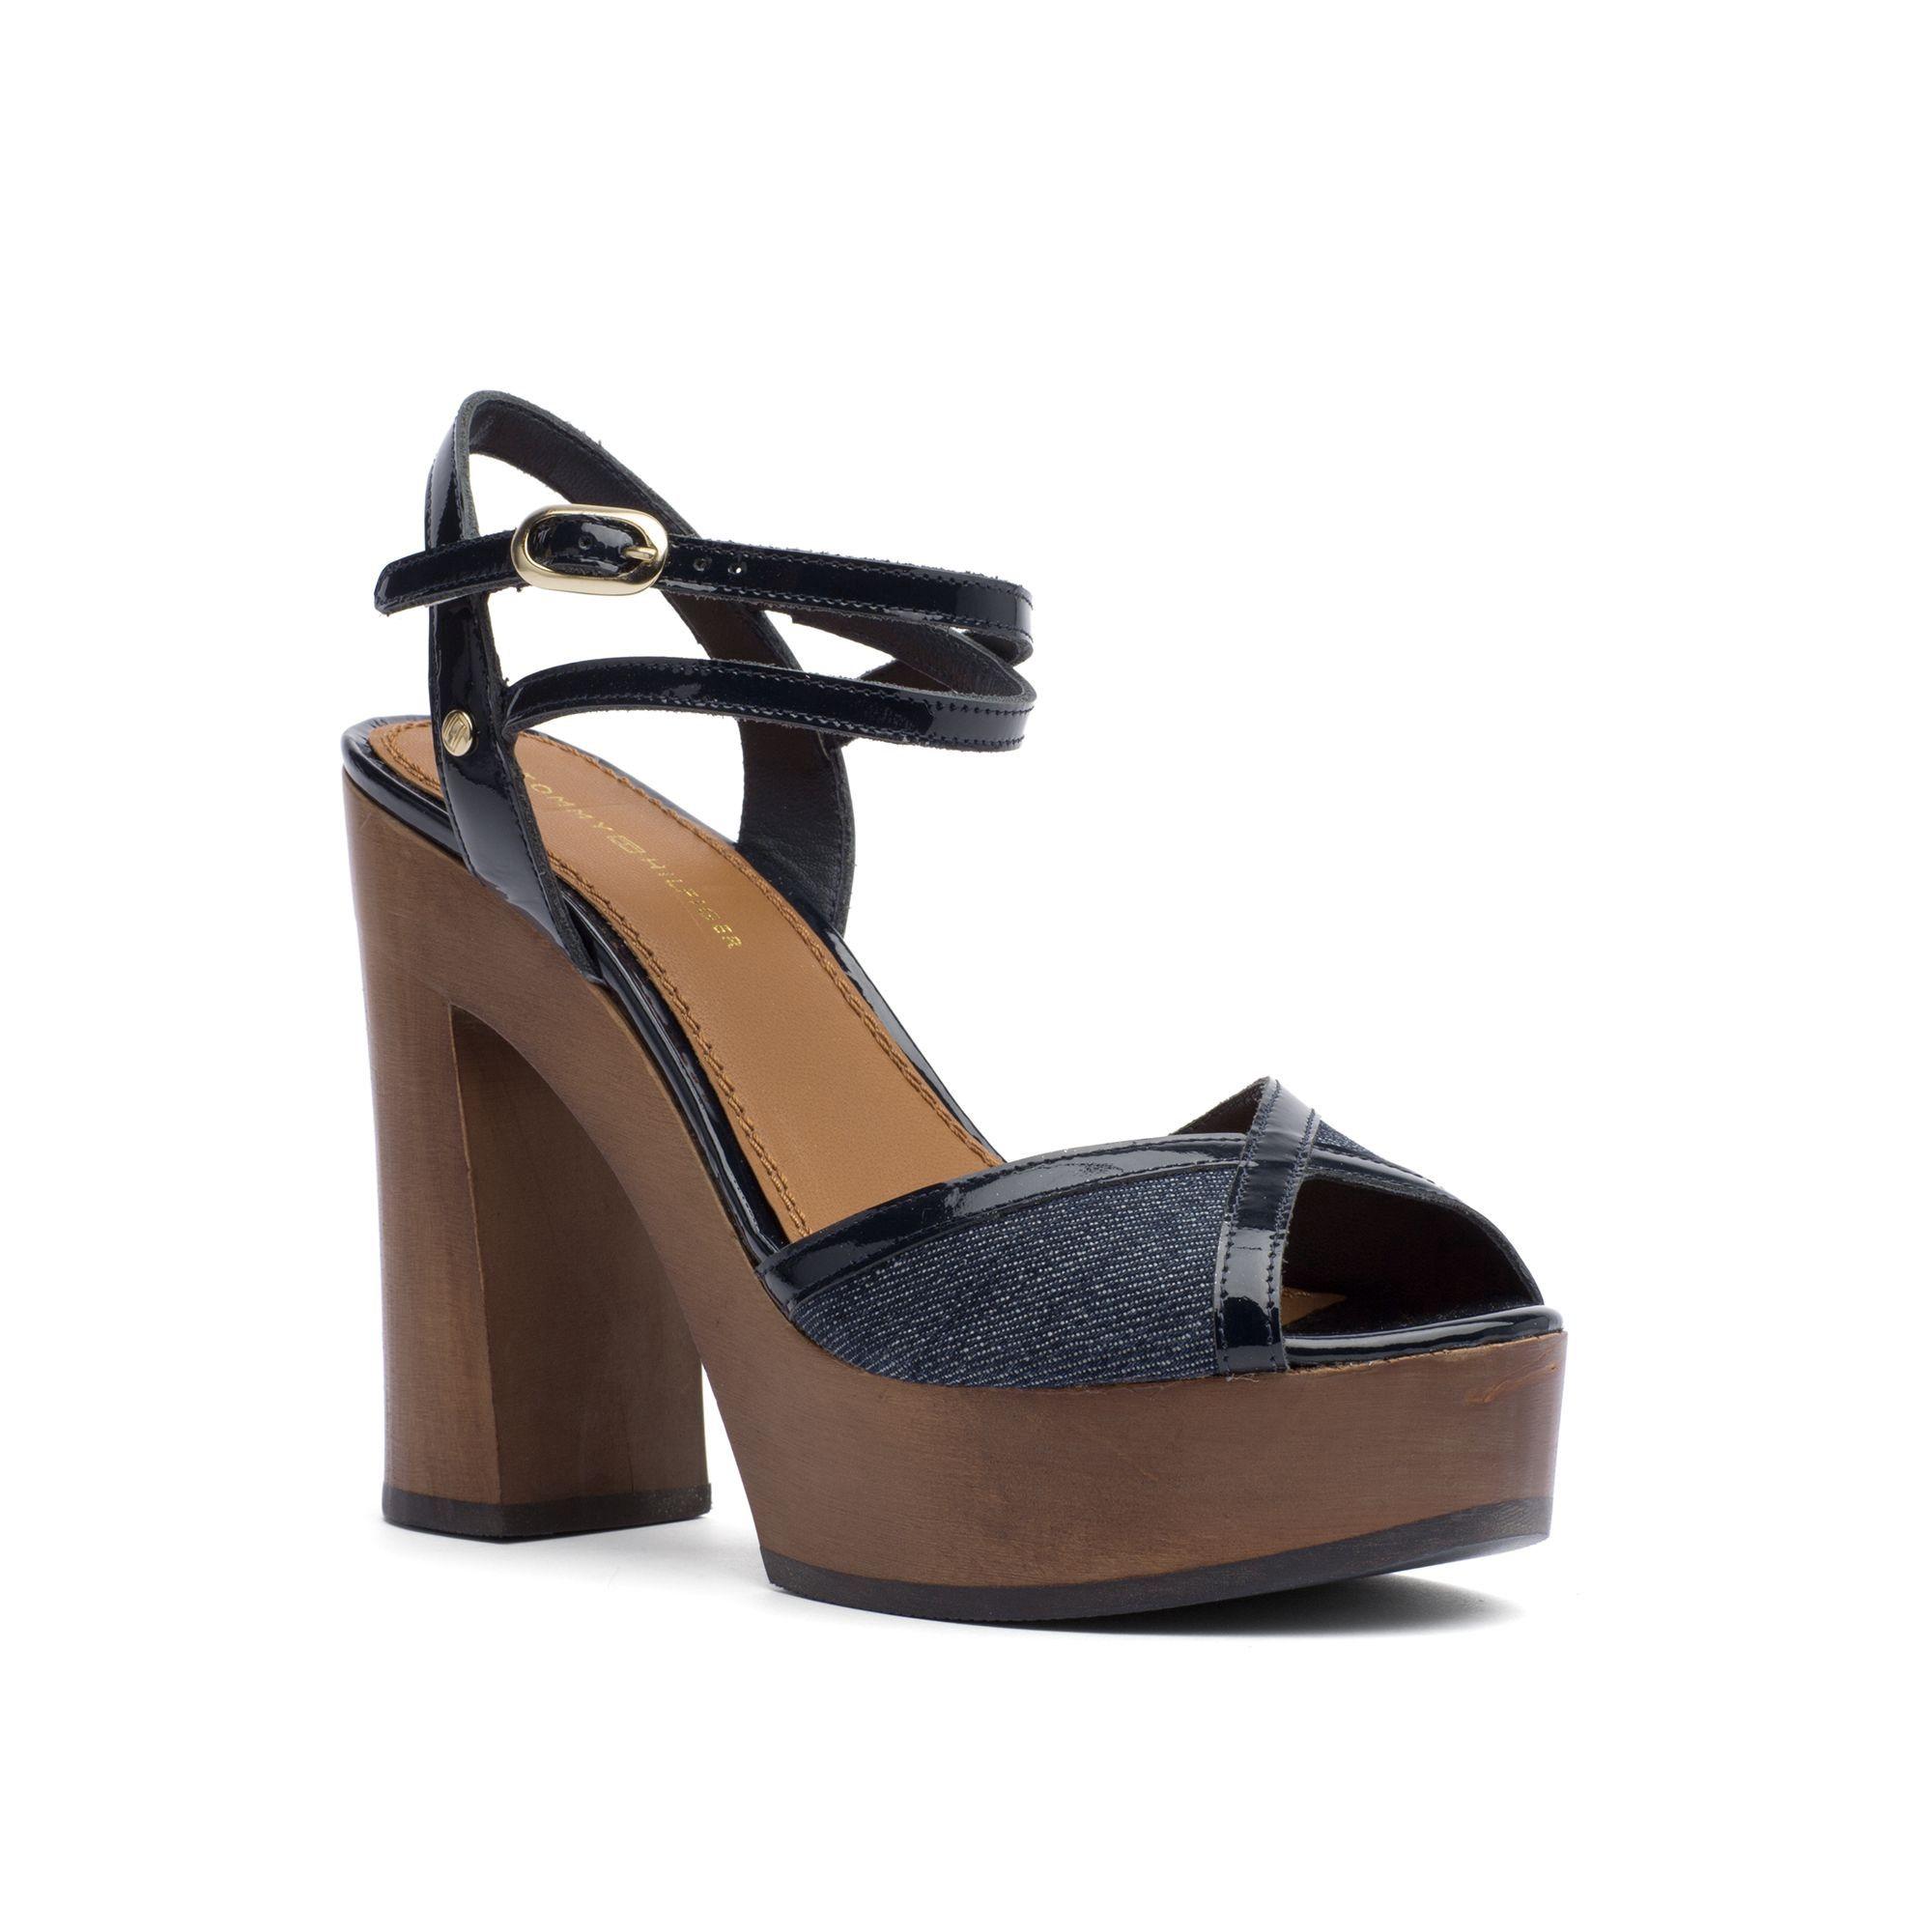 0daae7539ca4c TOMMY HILFIGER Denim Platform Sandal - Denim.  tommyhilfiger  shoes  all